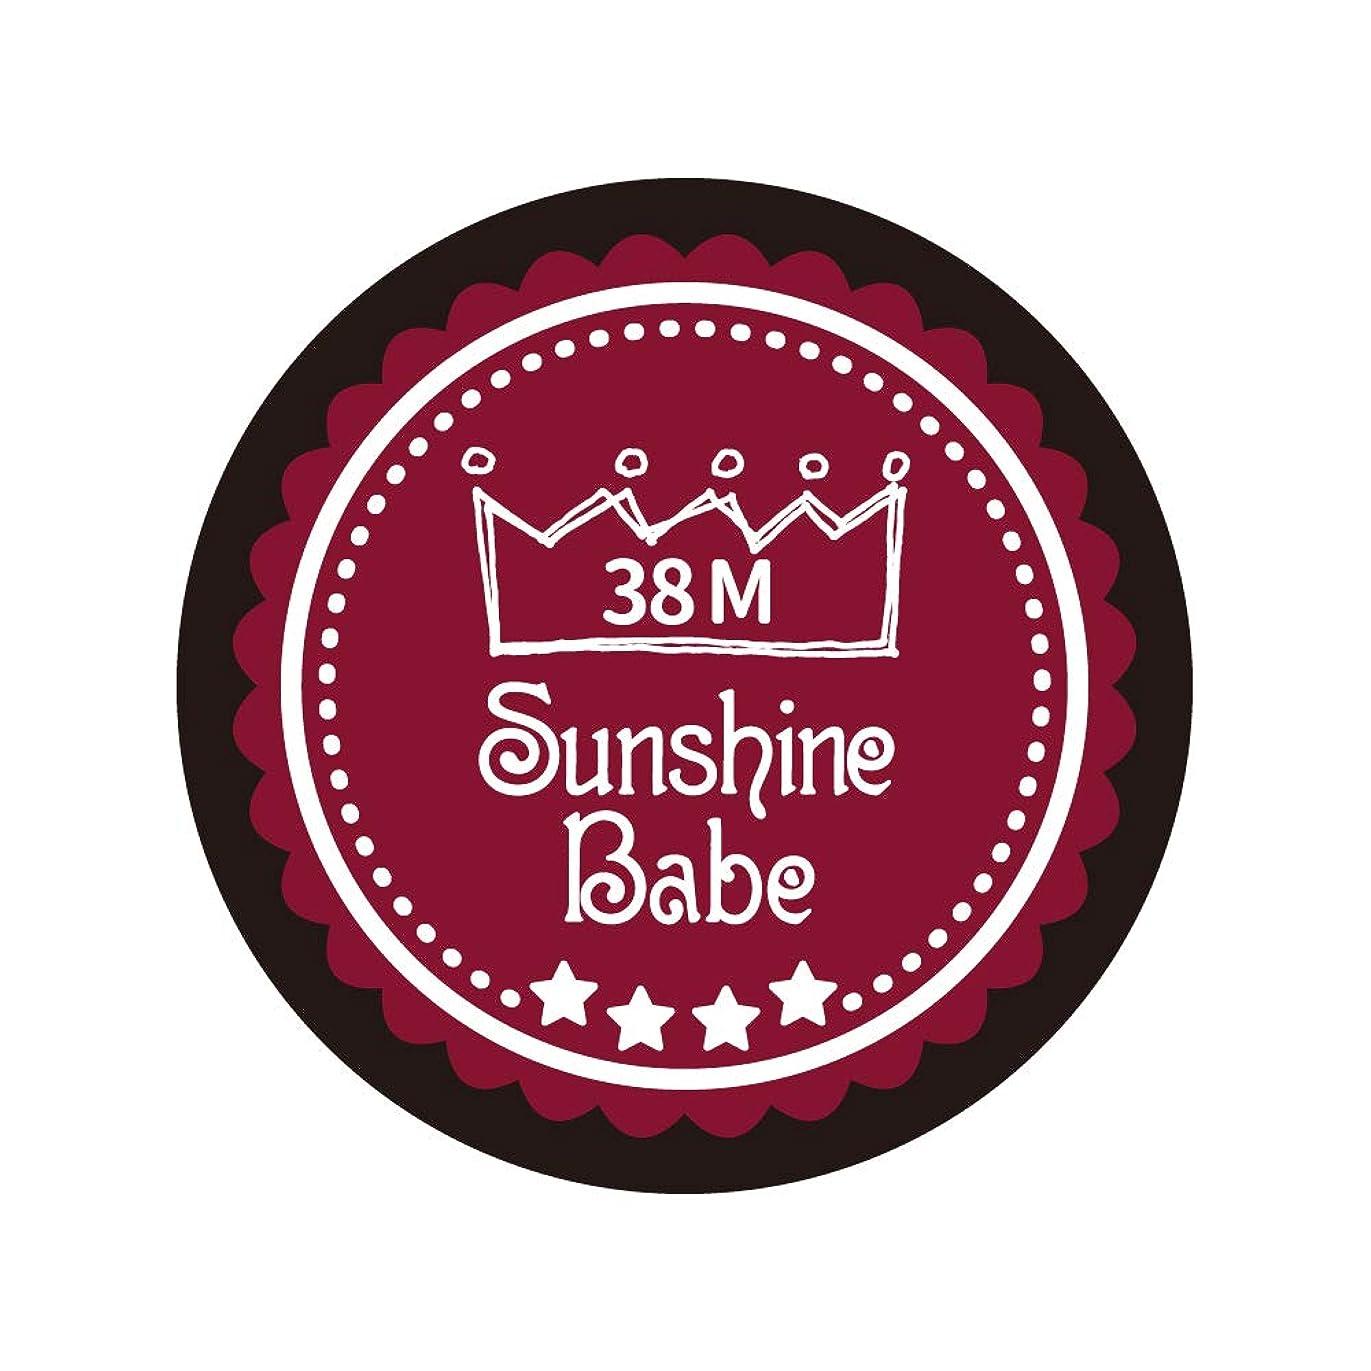 ボクシングコーヒー選択Sunshine Babe カラージェル 38M レッドペア 4g UV/LED対応